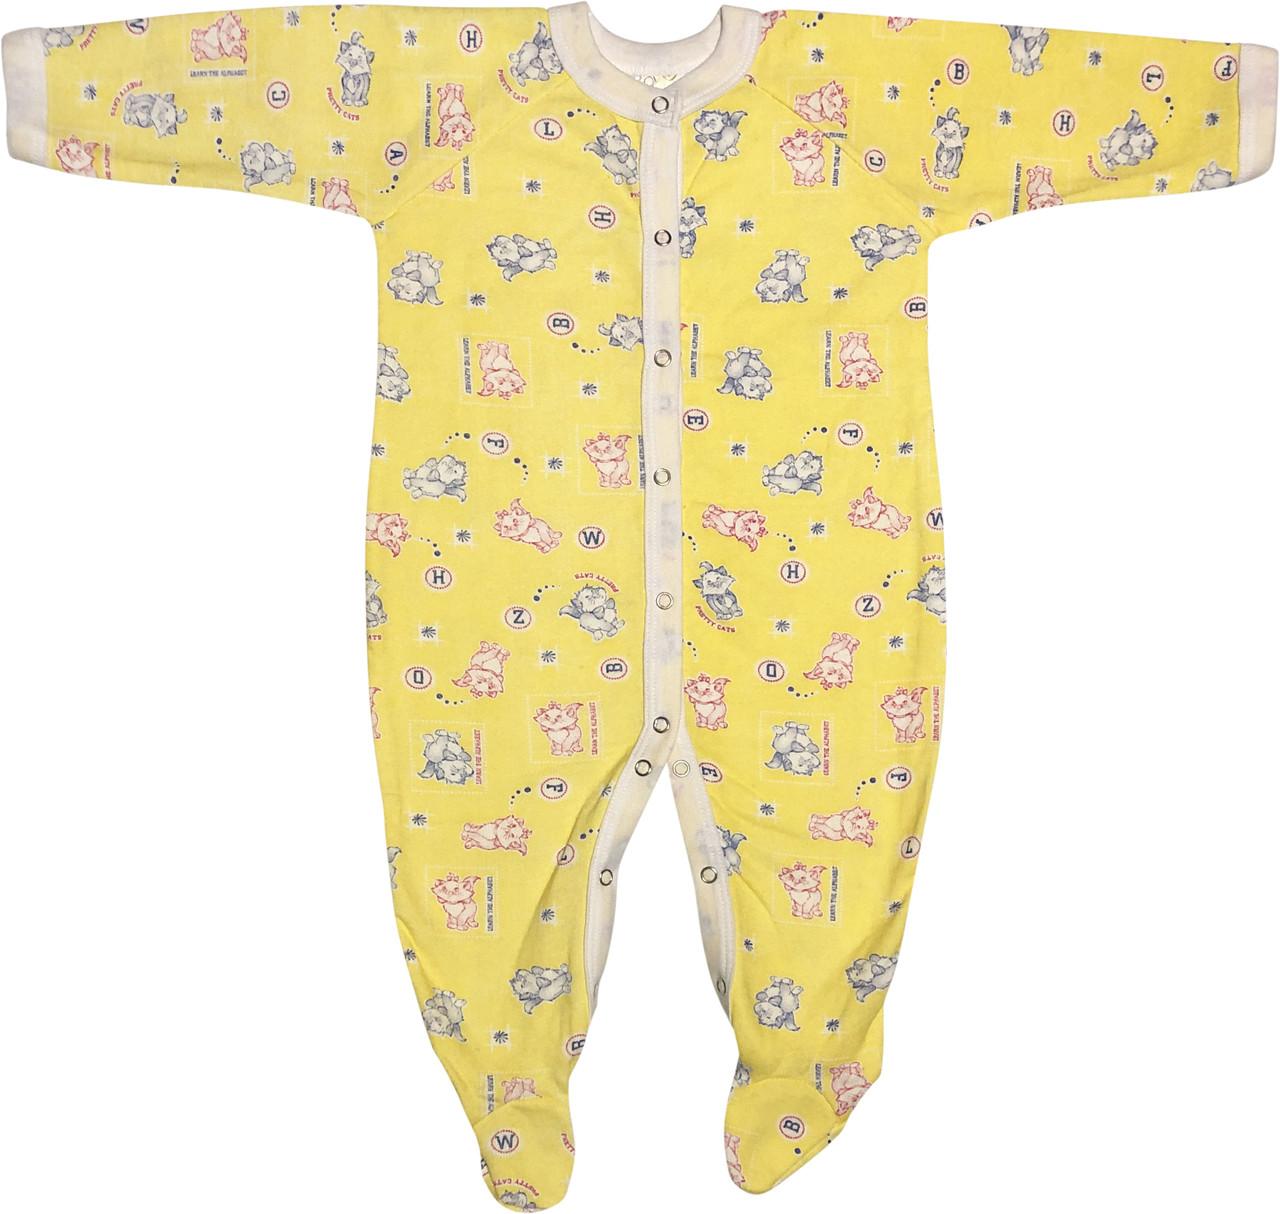 Теплий чоловічок з начосом для новонароджених ріст 74 6-9 міс на хлопчика дівчинку сліп бавовна футер жовтий